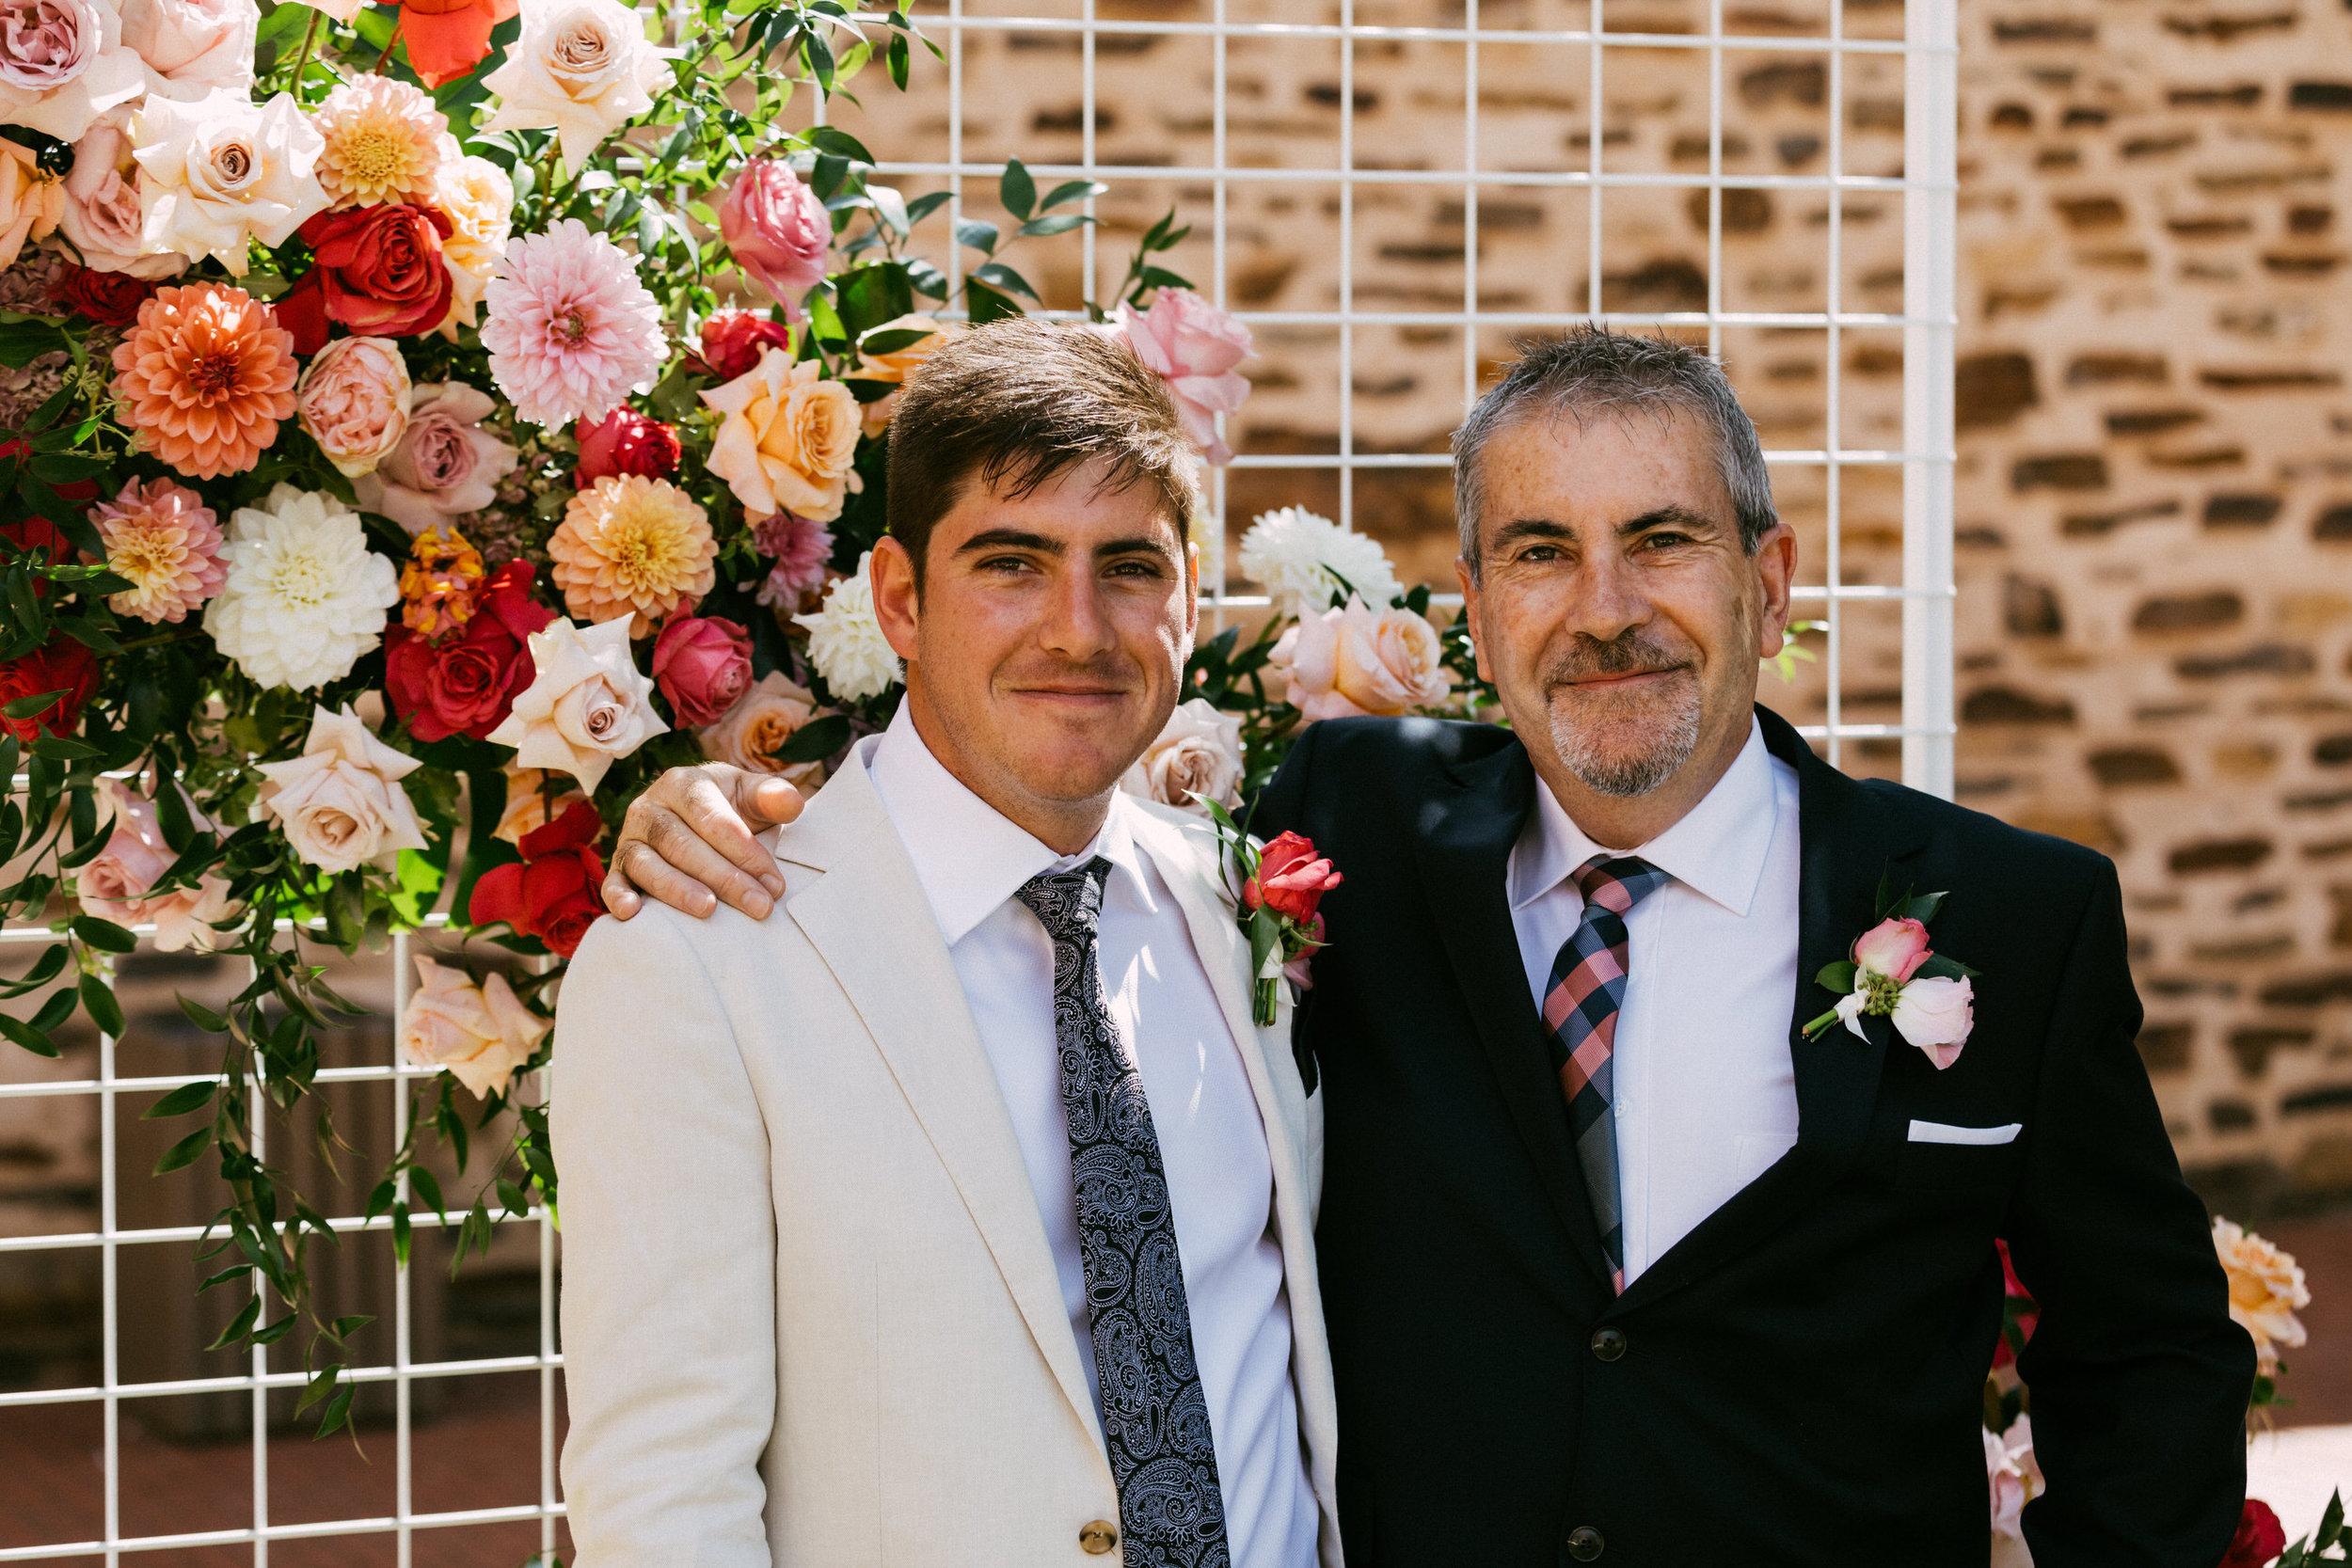 Adelaide City Fringe Garden Unearthly Delight Wedding 034.jpg